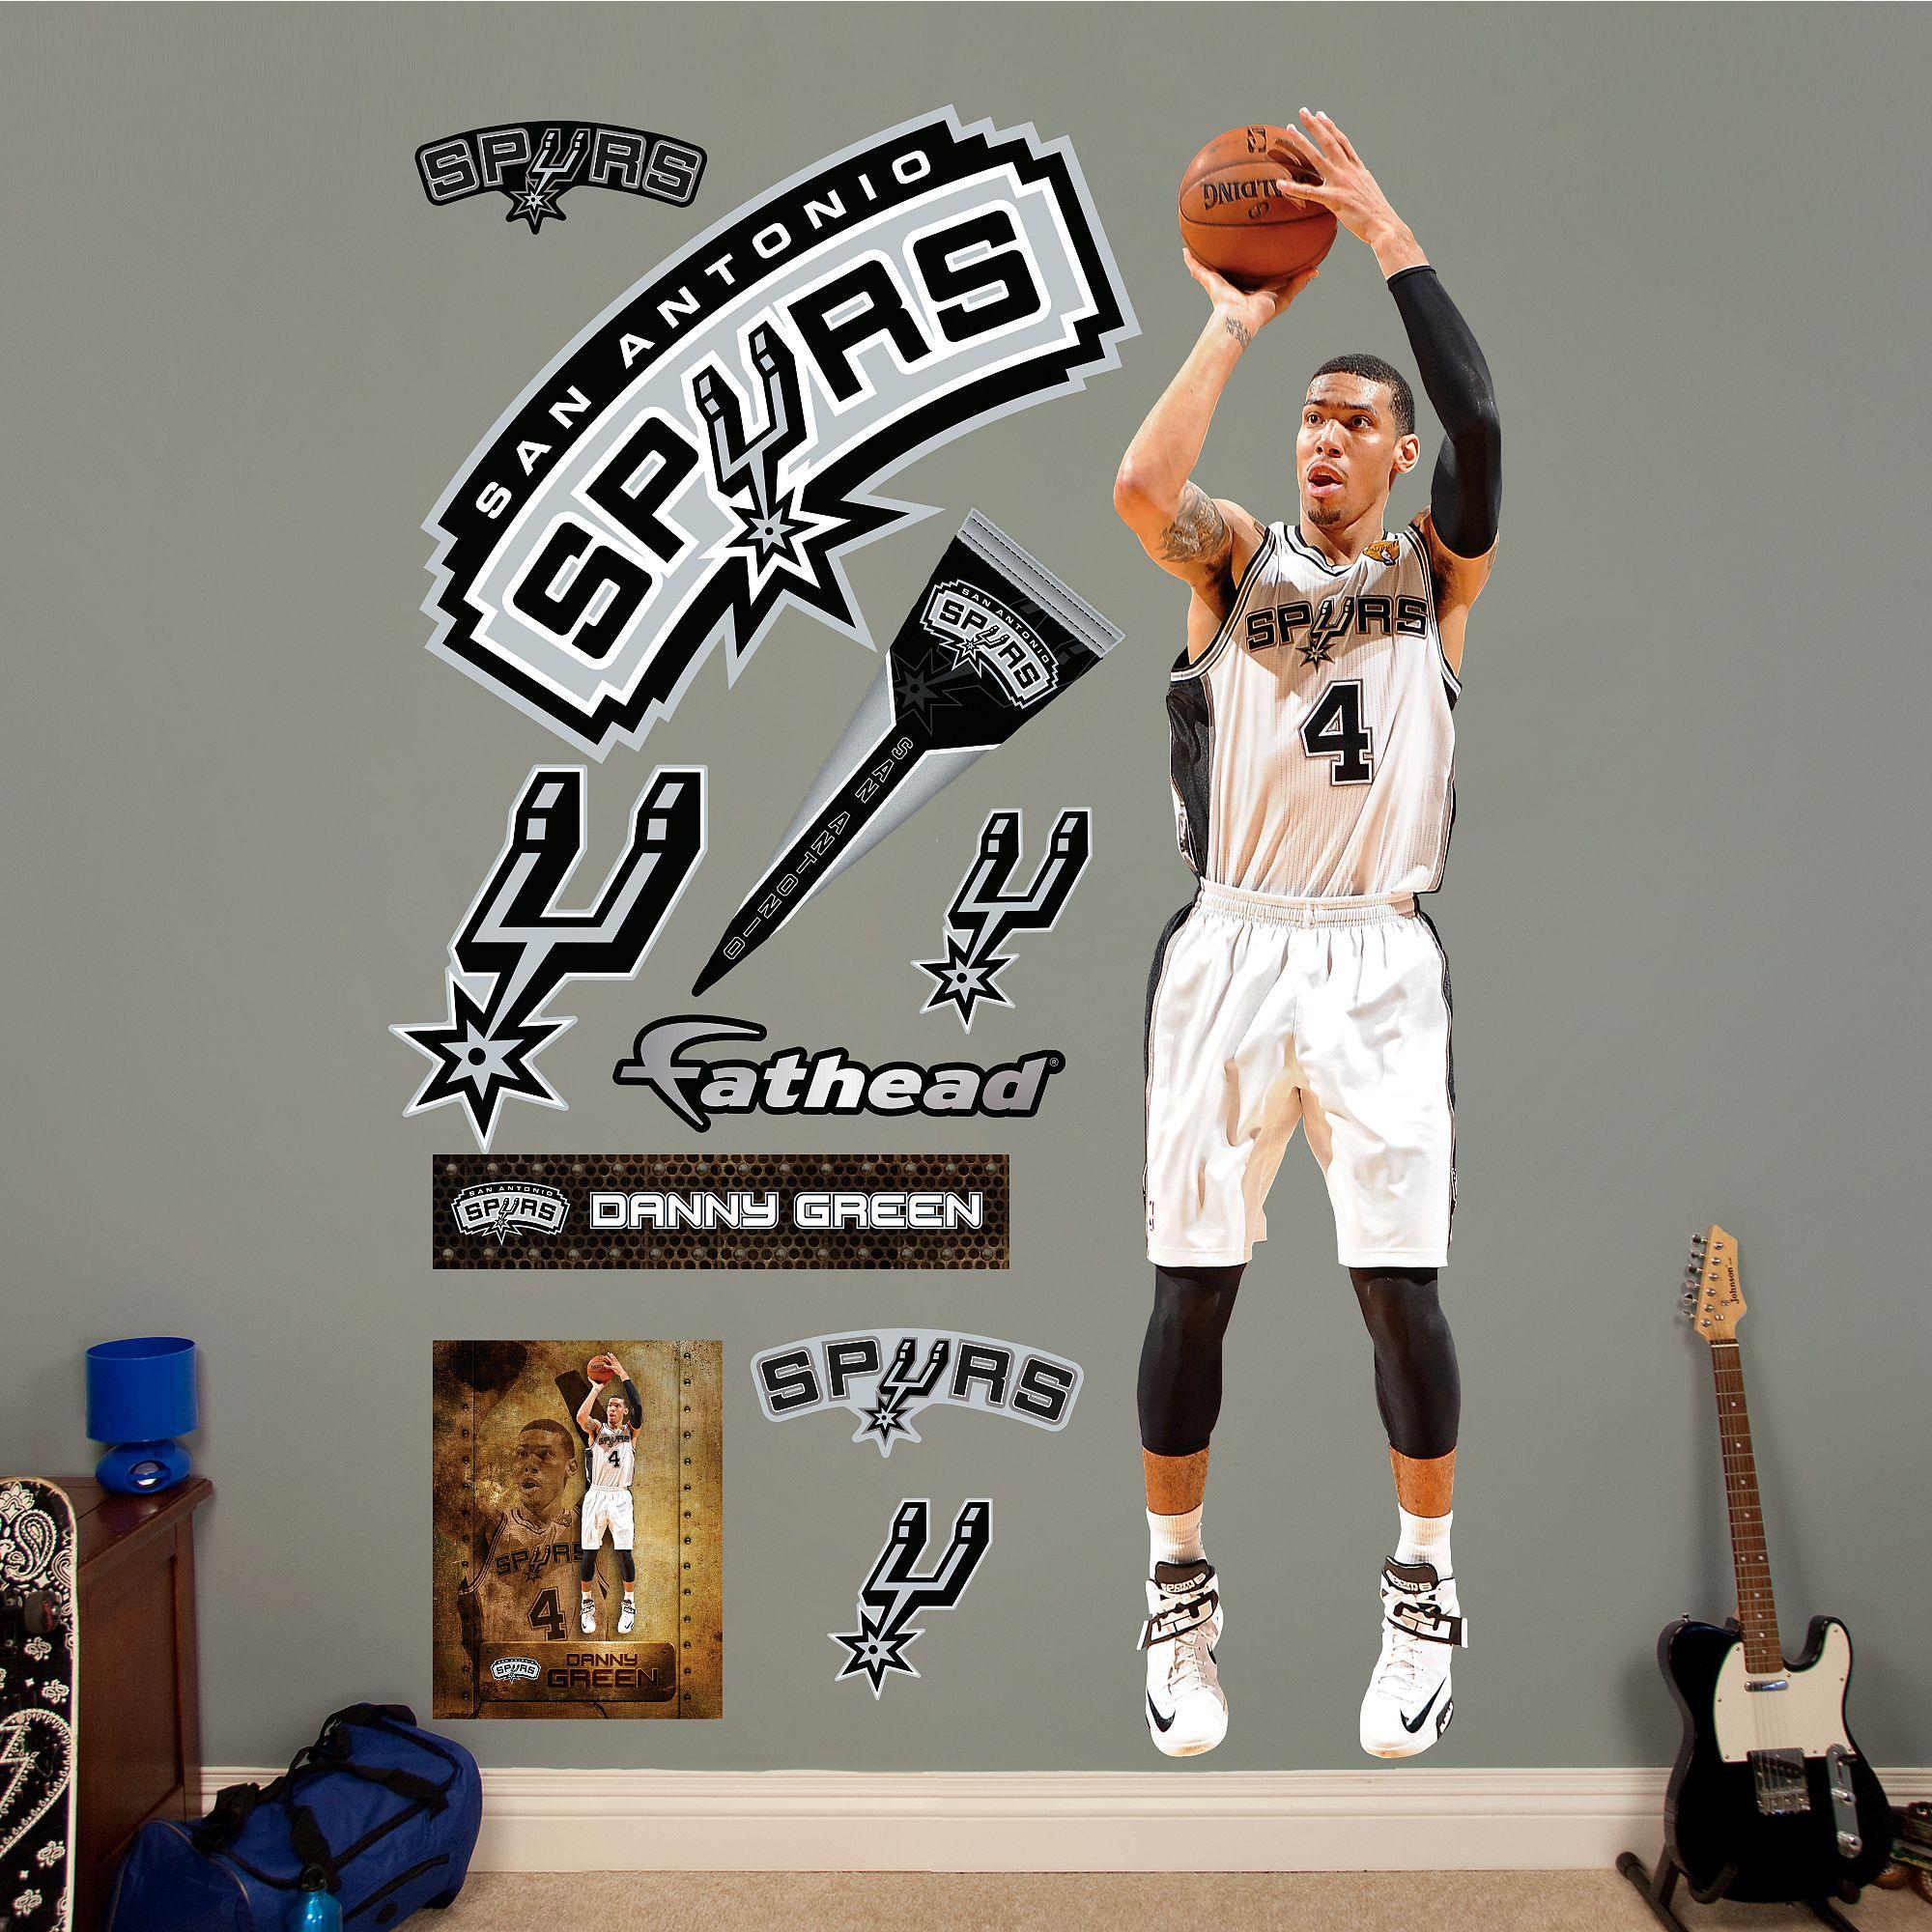 Danny Green Spurs, San antonio spurs, San antonio